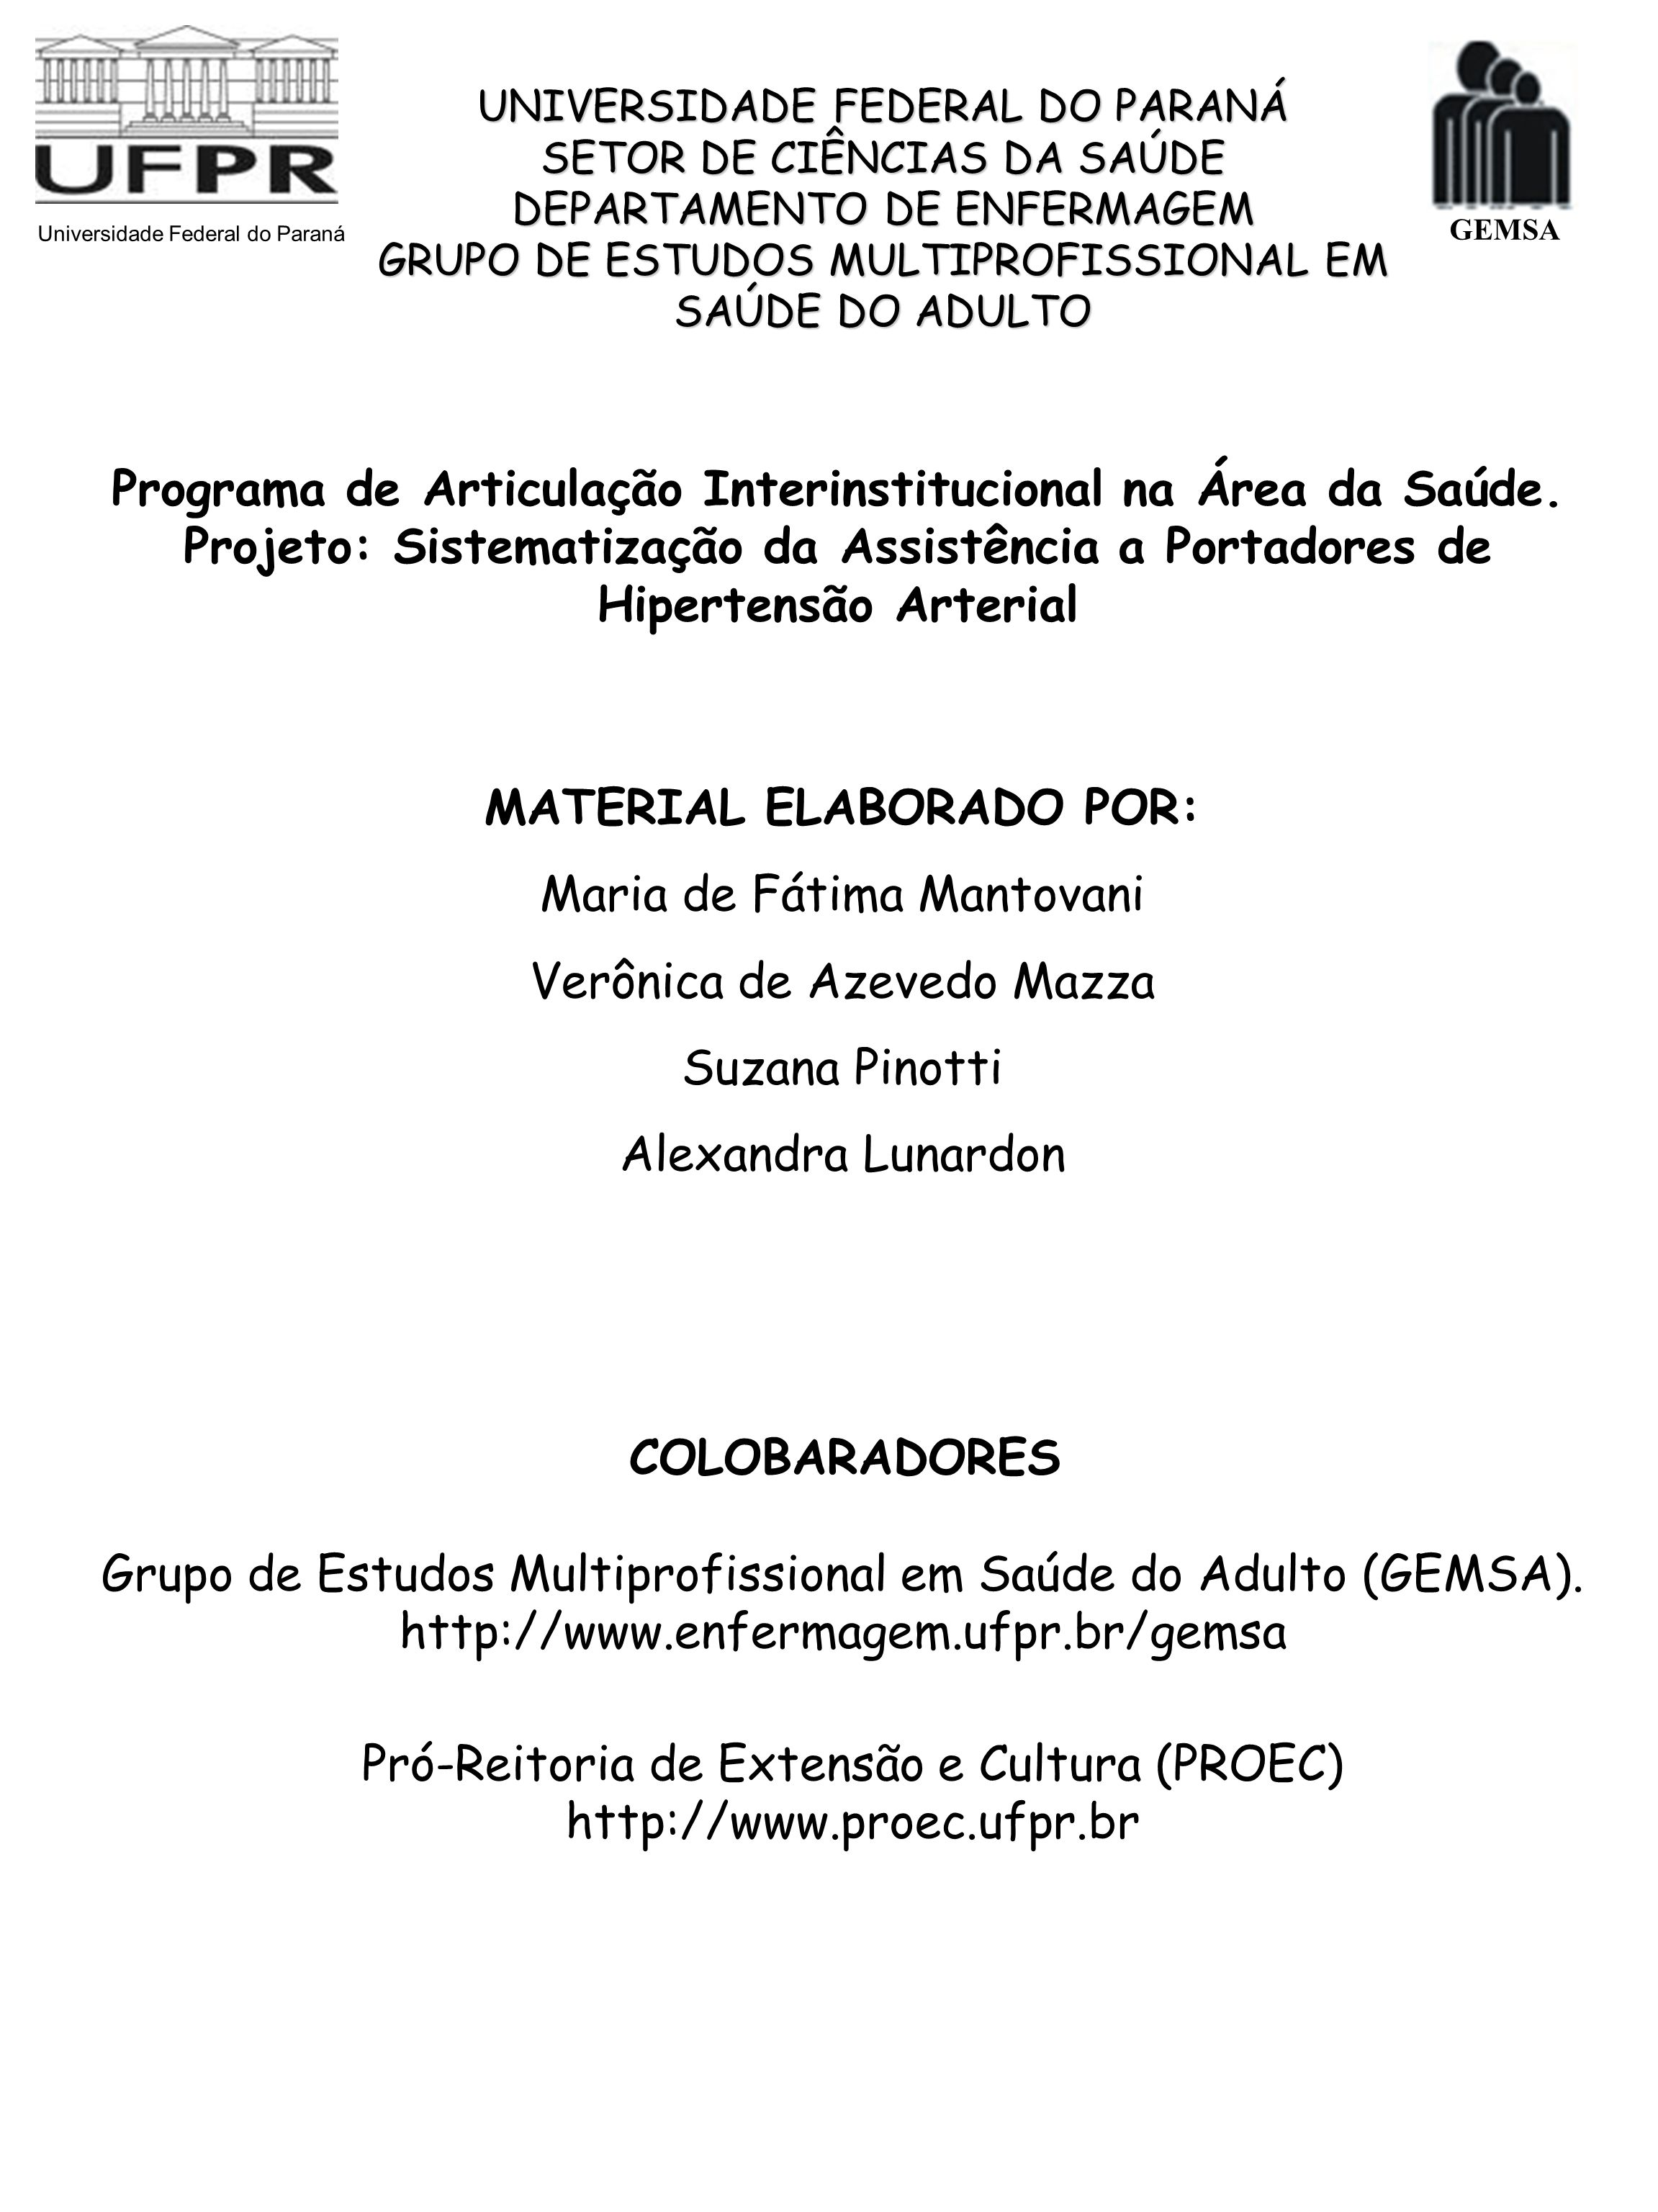 MATERIAL ELABORADO POR: